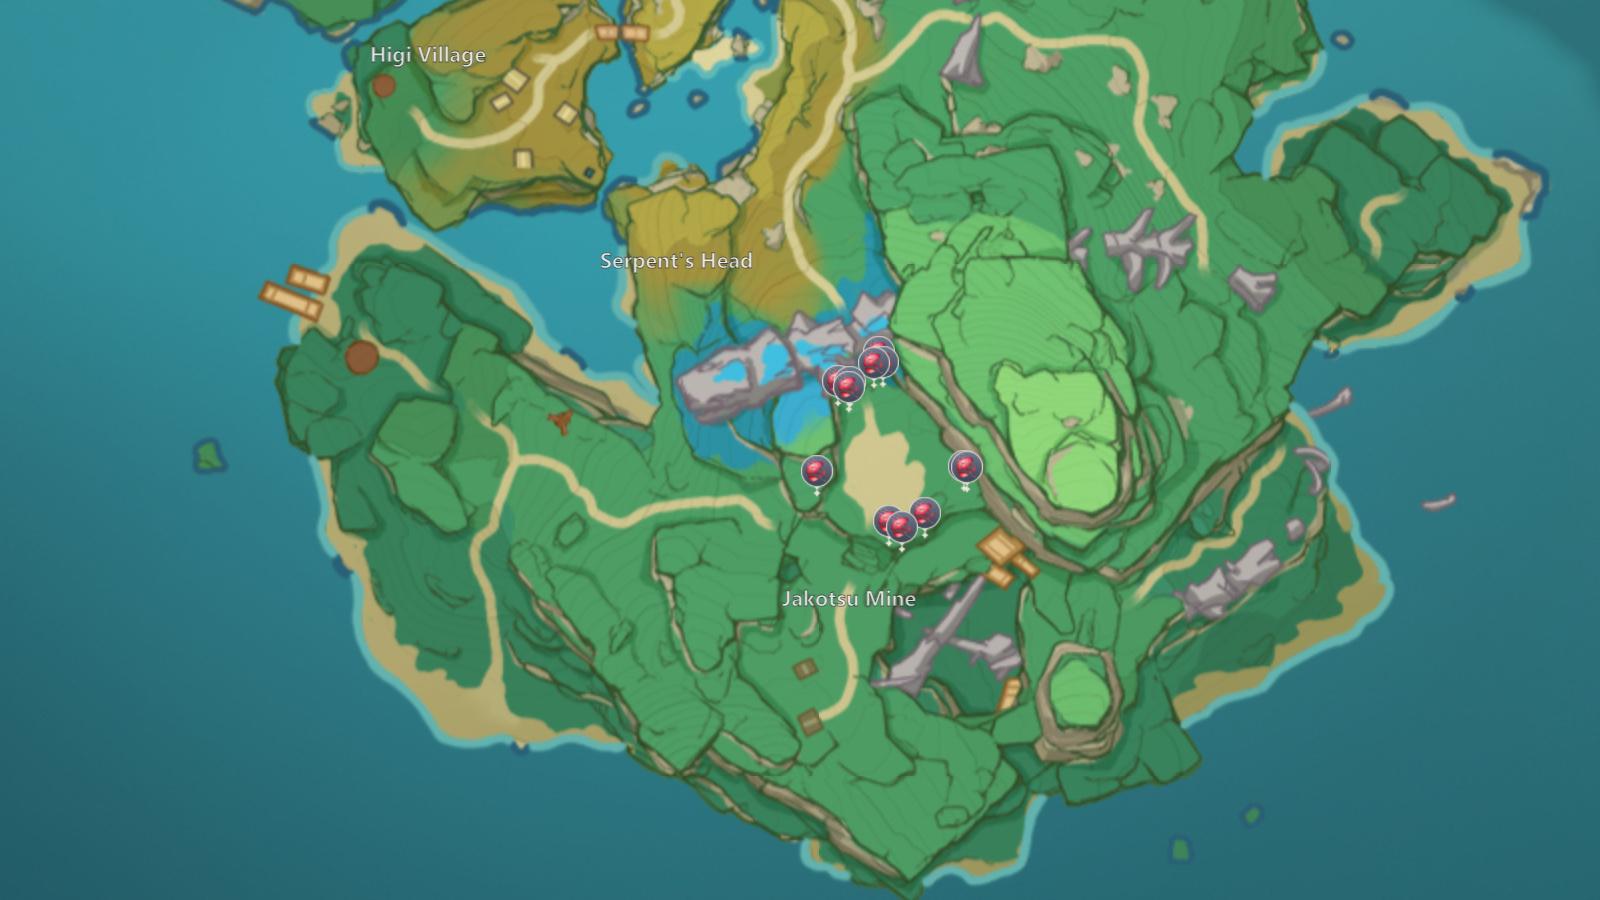 Dendrobium-location-2